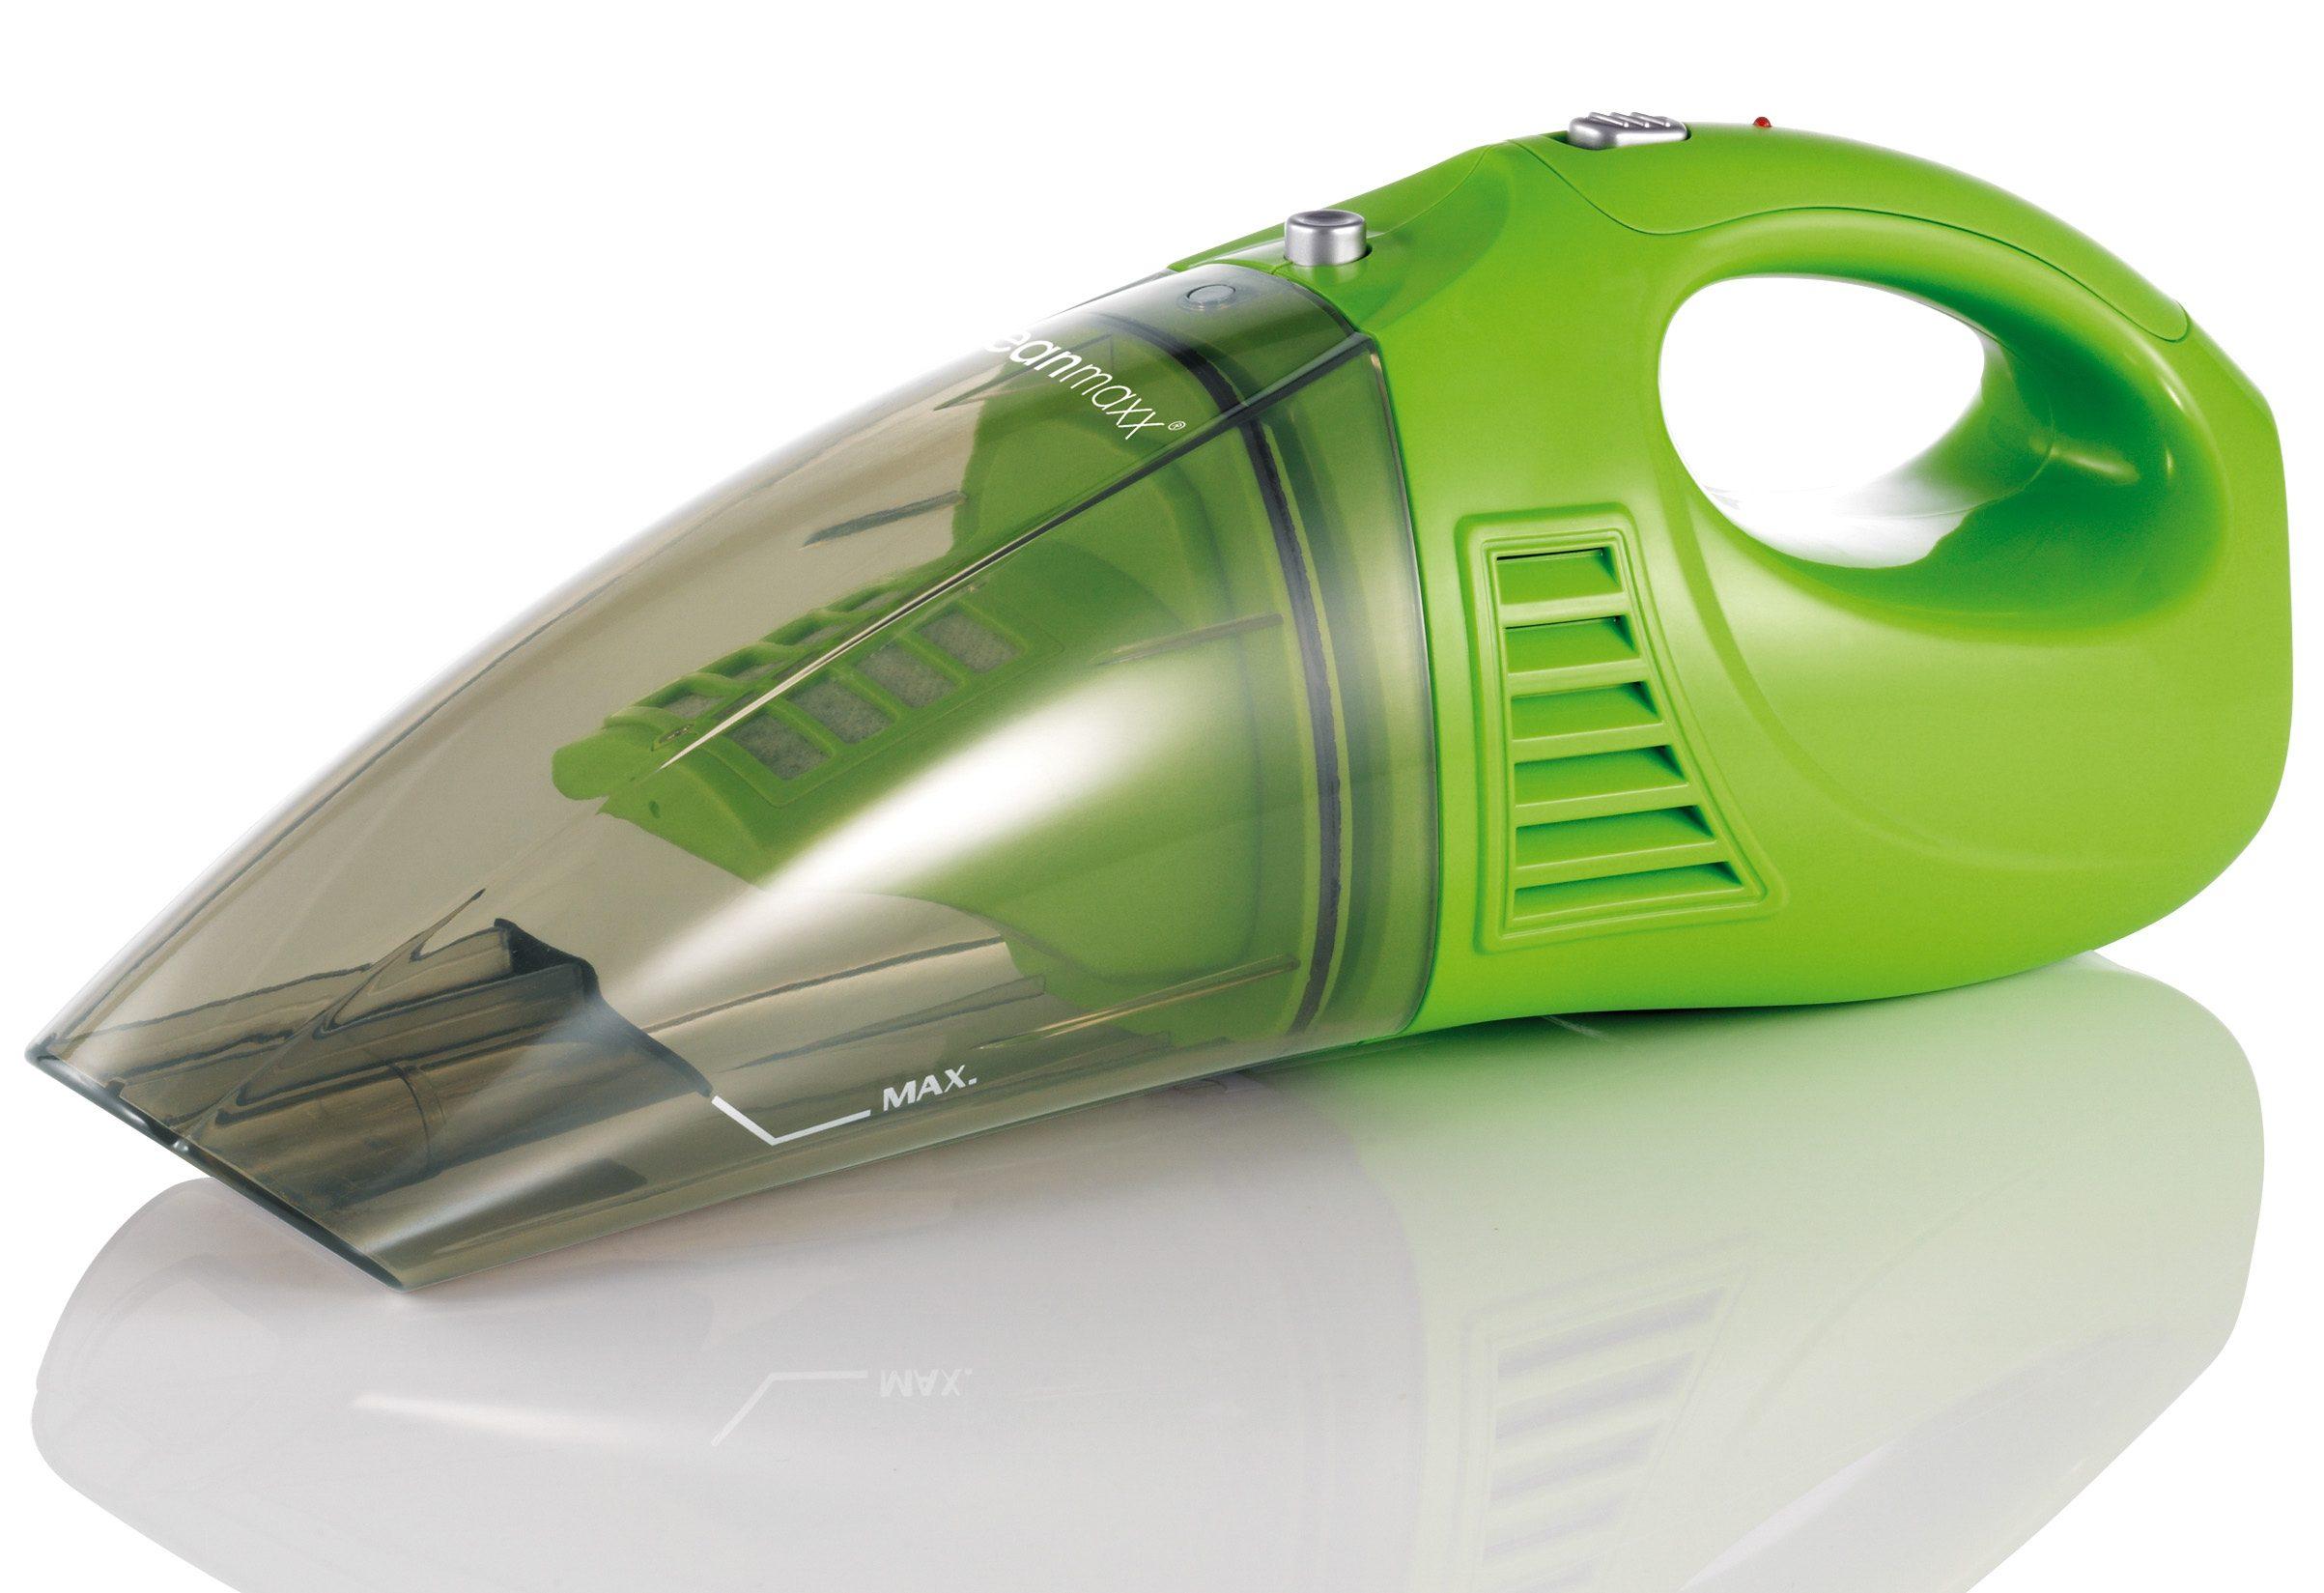 cleanmaxx Akku-Handsauger Nass/Trocken Plus